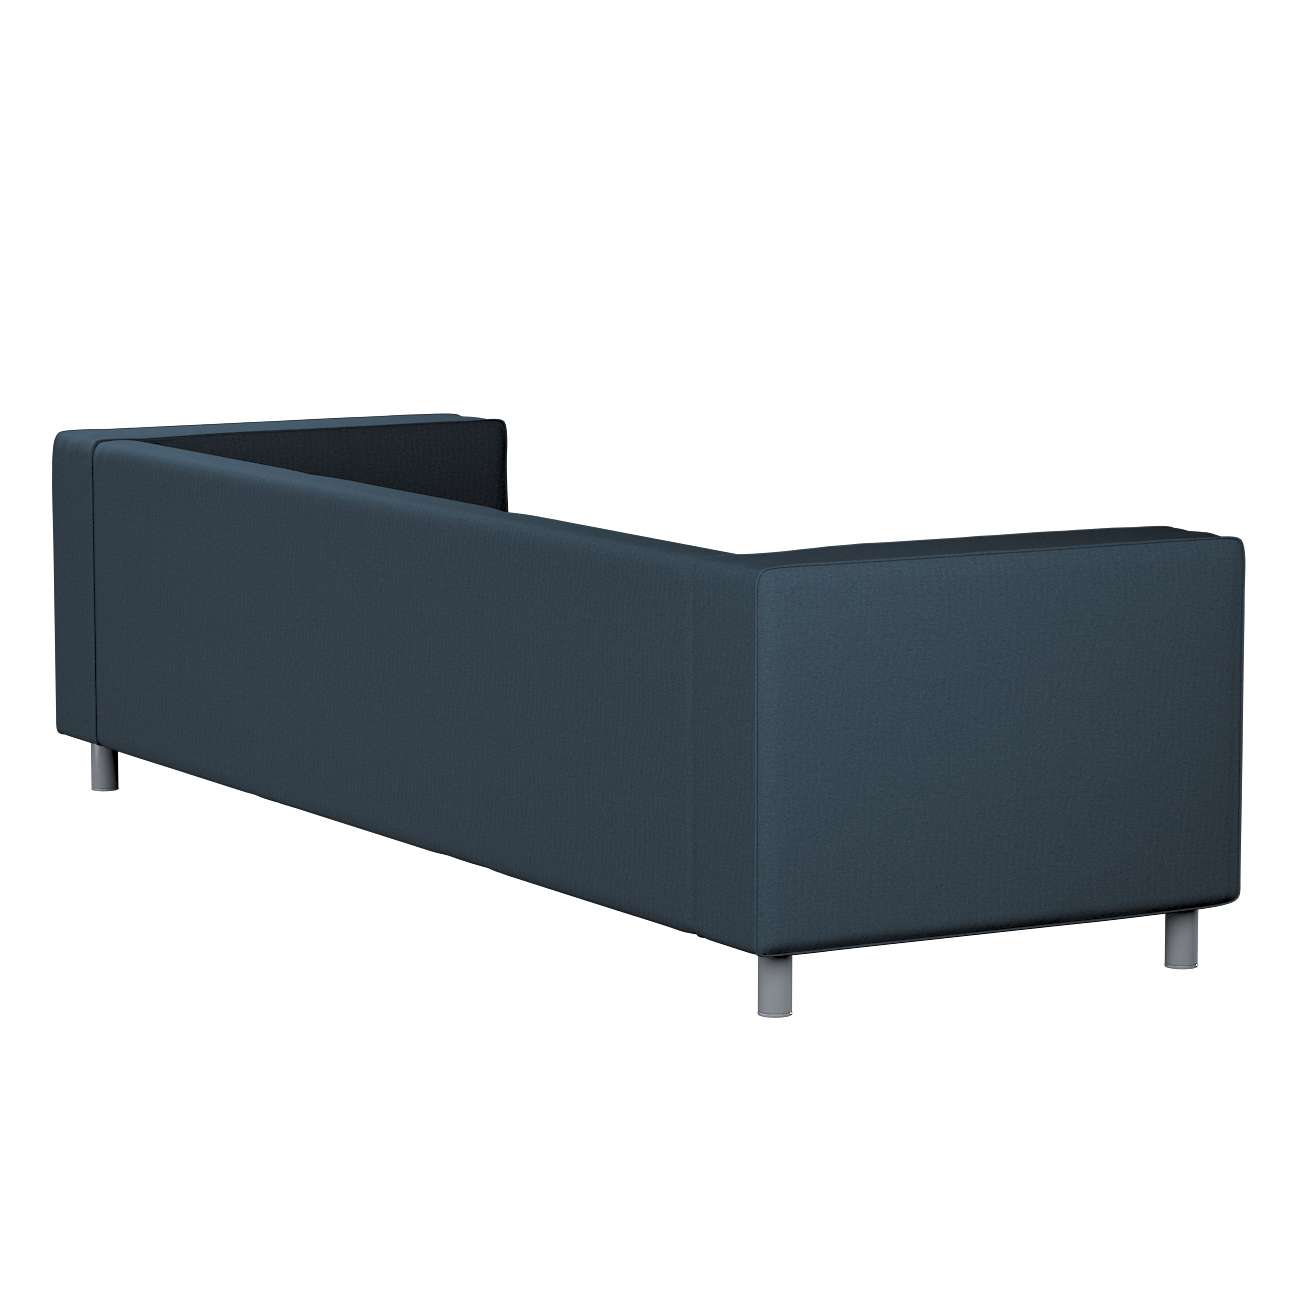 Pokrowiec na sofę Klippan 4-osobową w kolekcji Etna, tkanina: 705-30